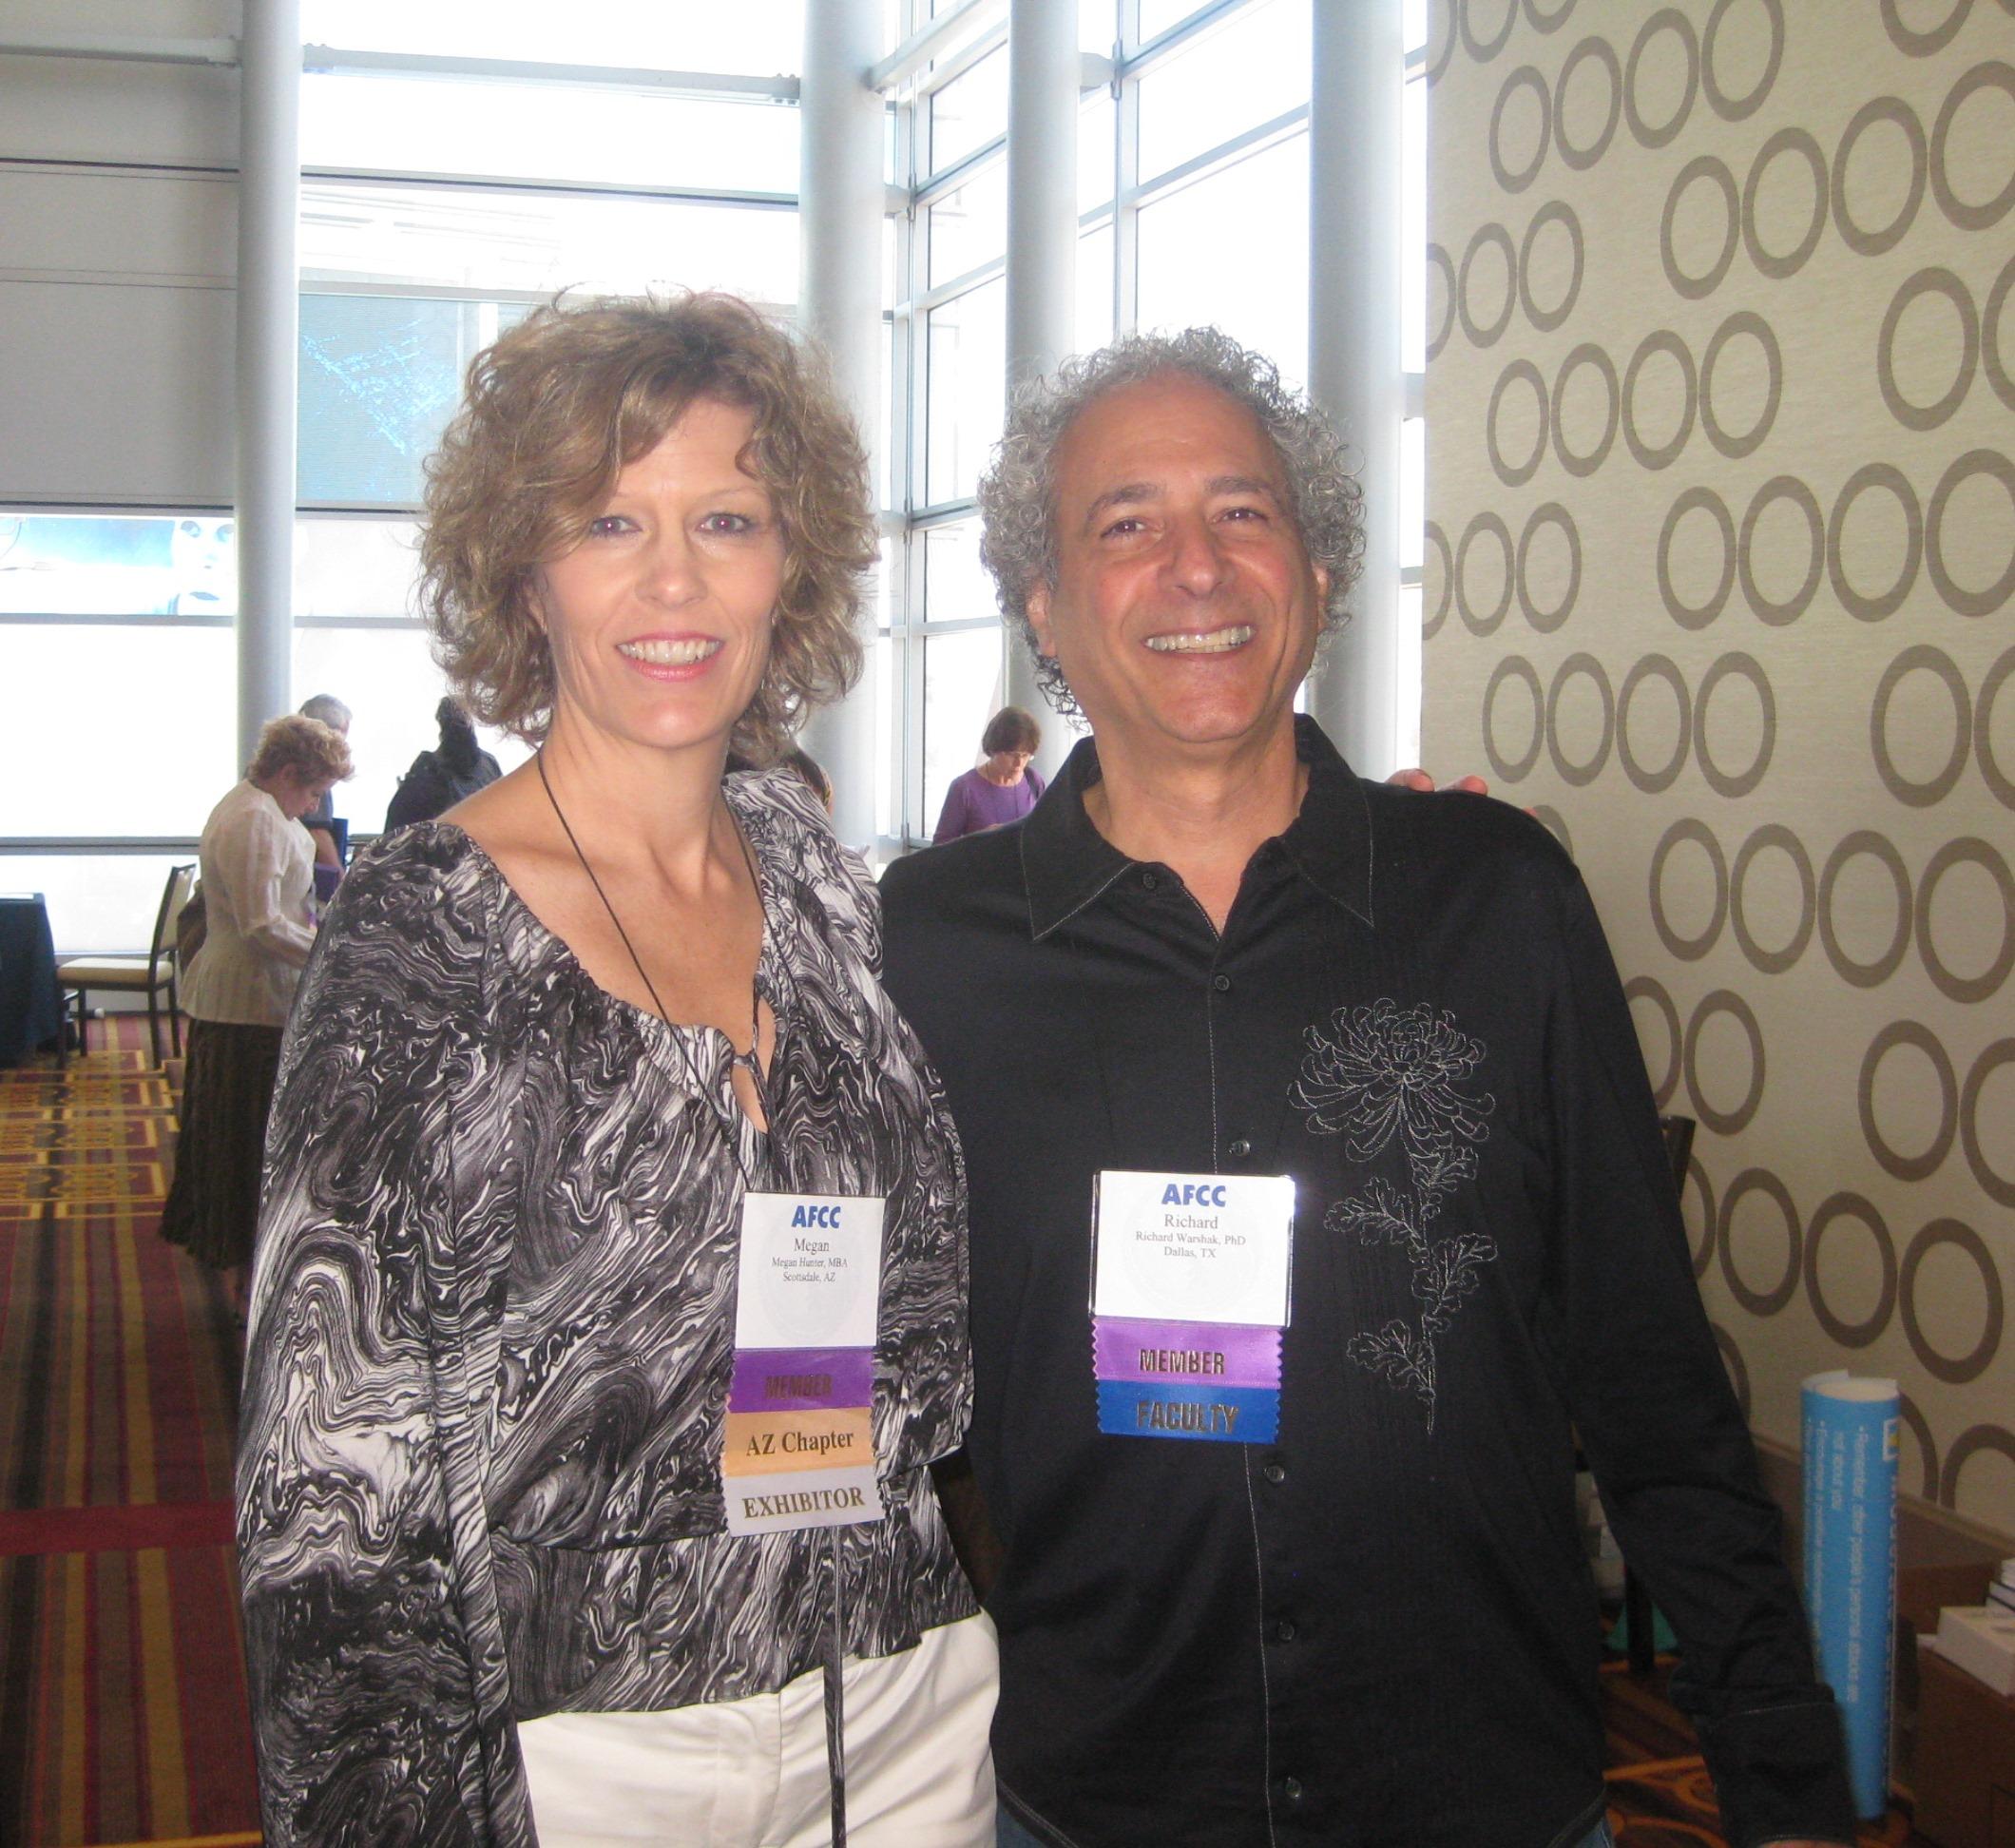 Megan Hunter & Richard Warshak